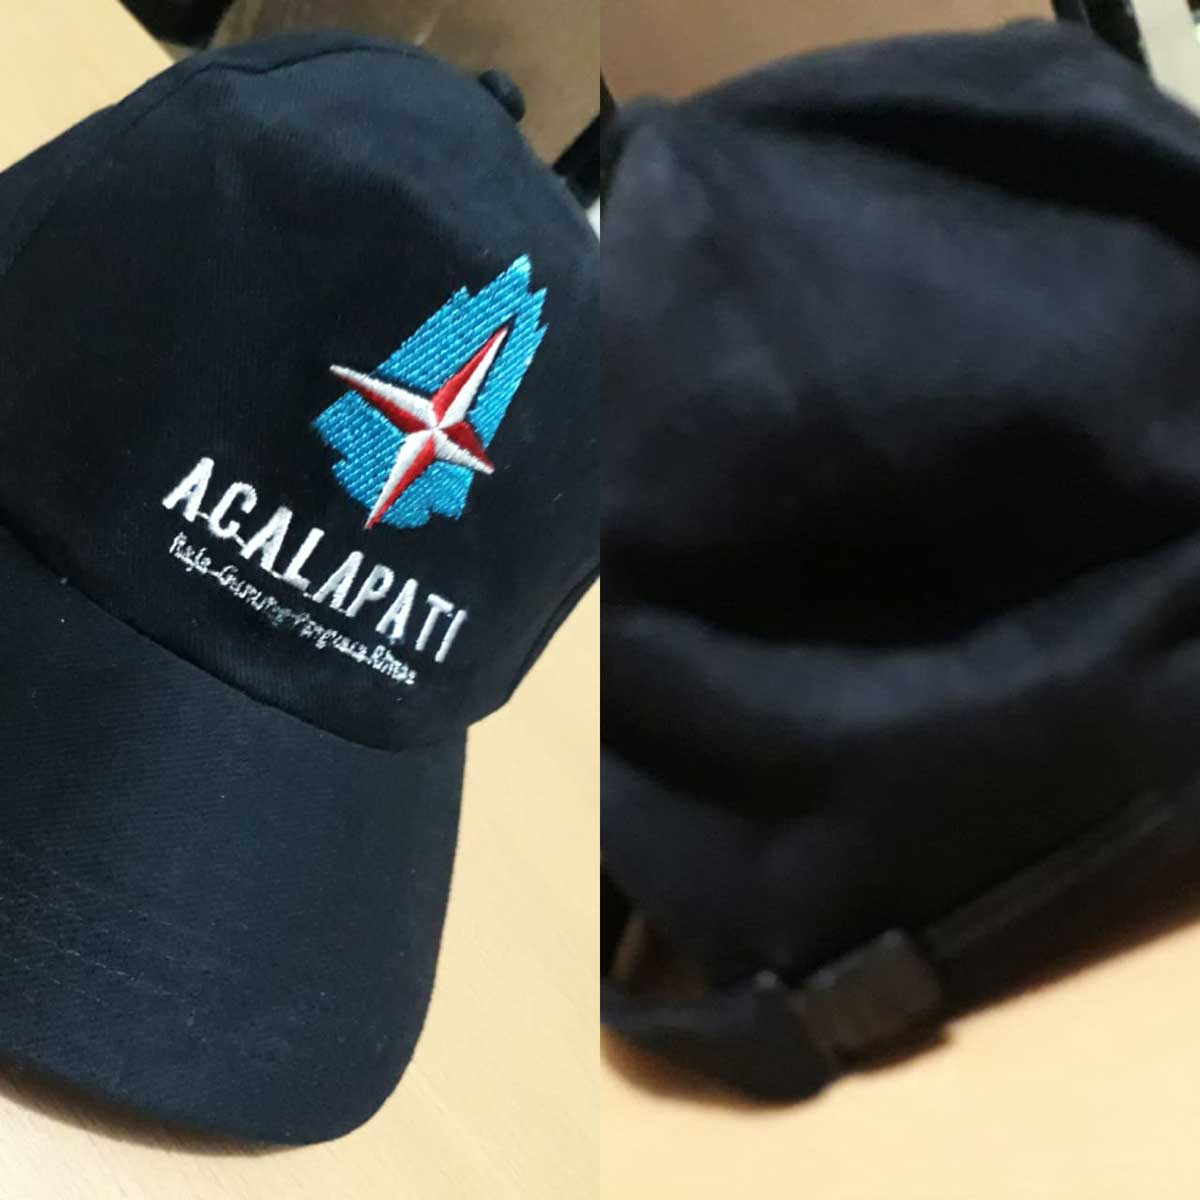 tempat topi